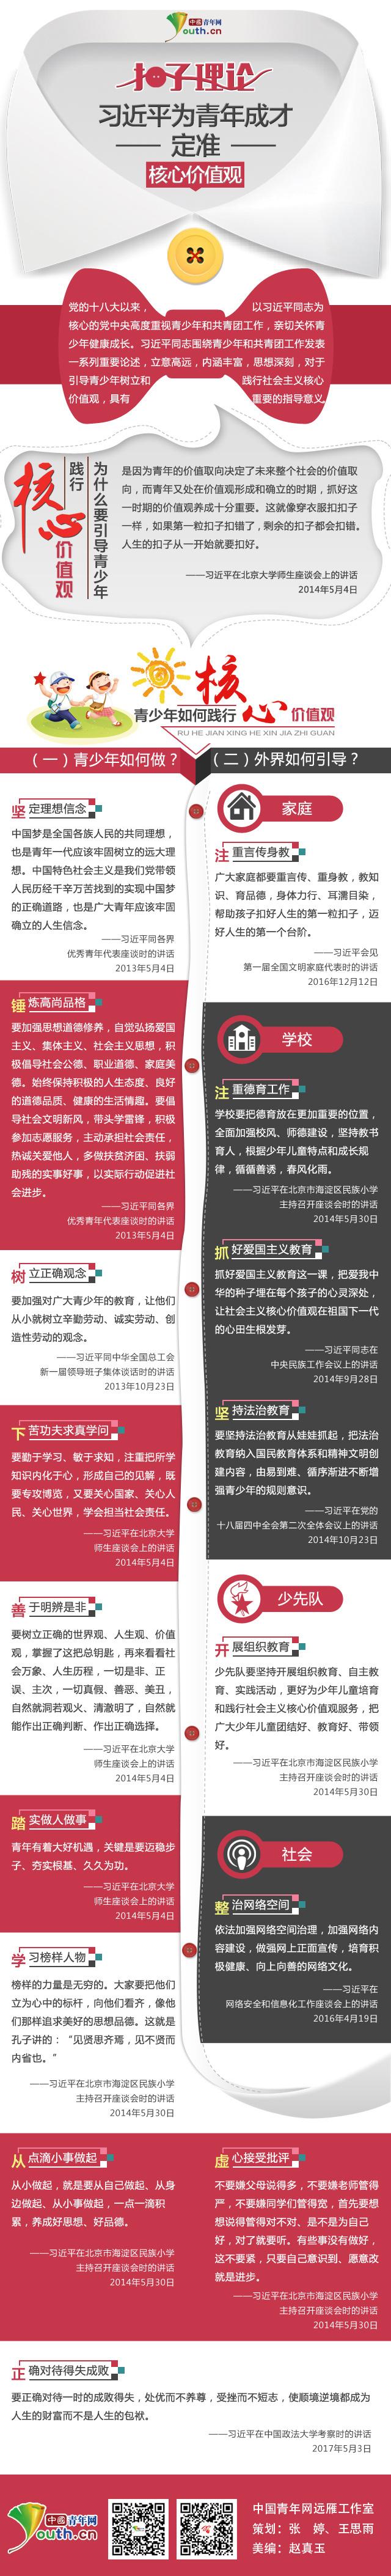 南开大学教授龙以明获华罗庚数学奖